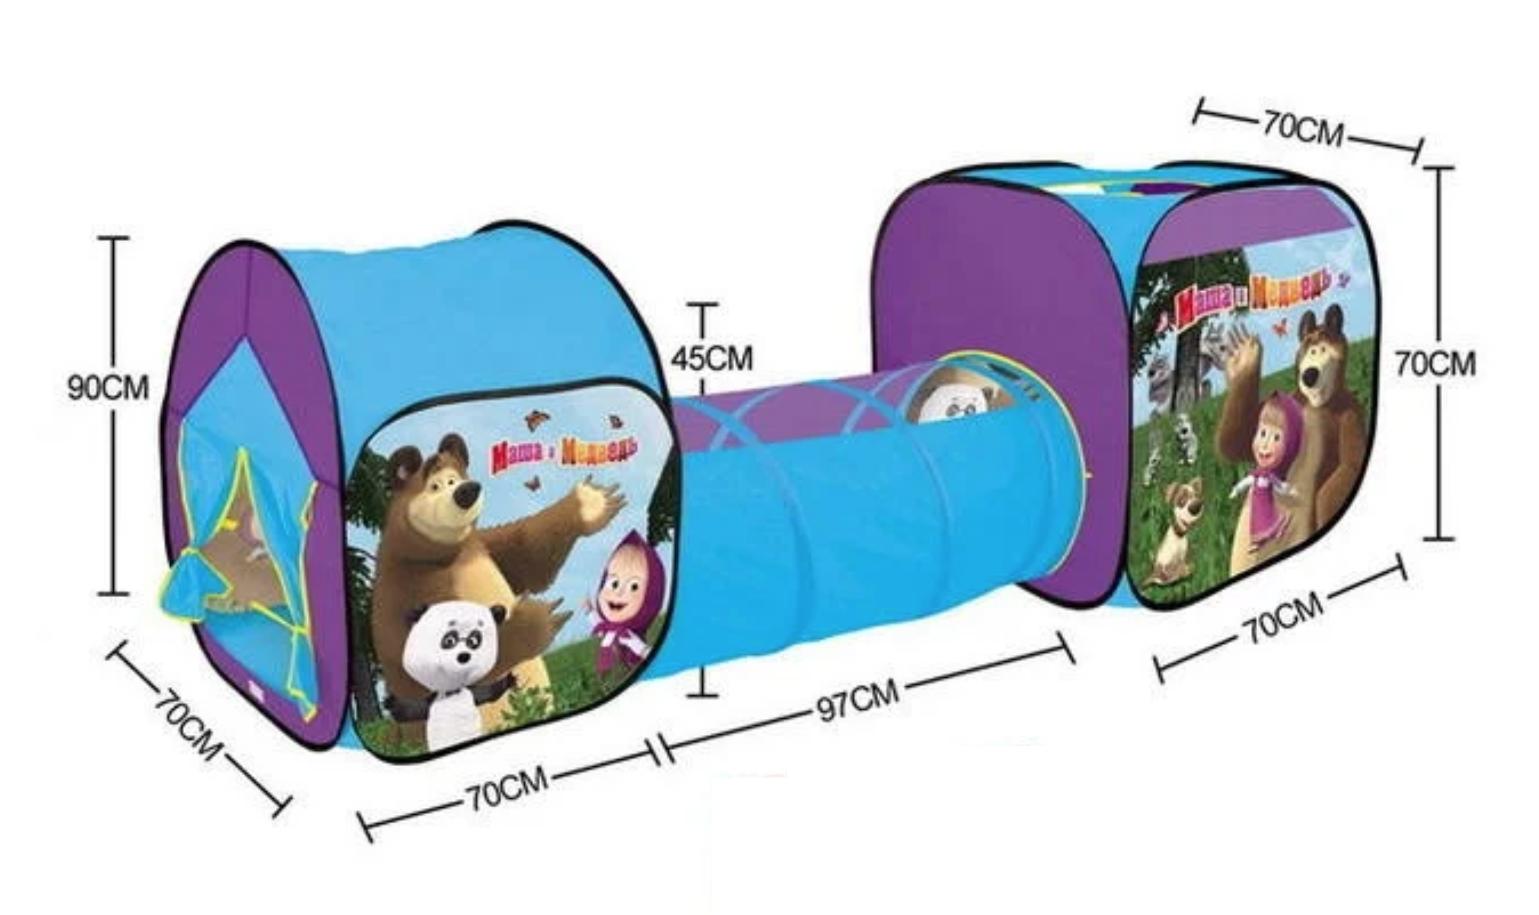 Nhà bóng chui ống 3 khoang ngôi nhà của gấu 995-7093C – nhà banh, quây bóng, do choi tre em